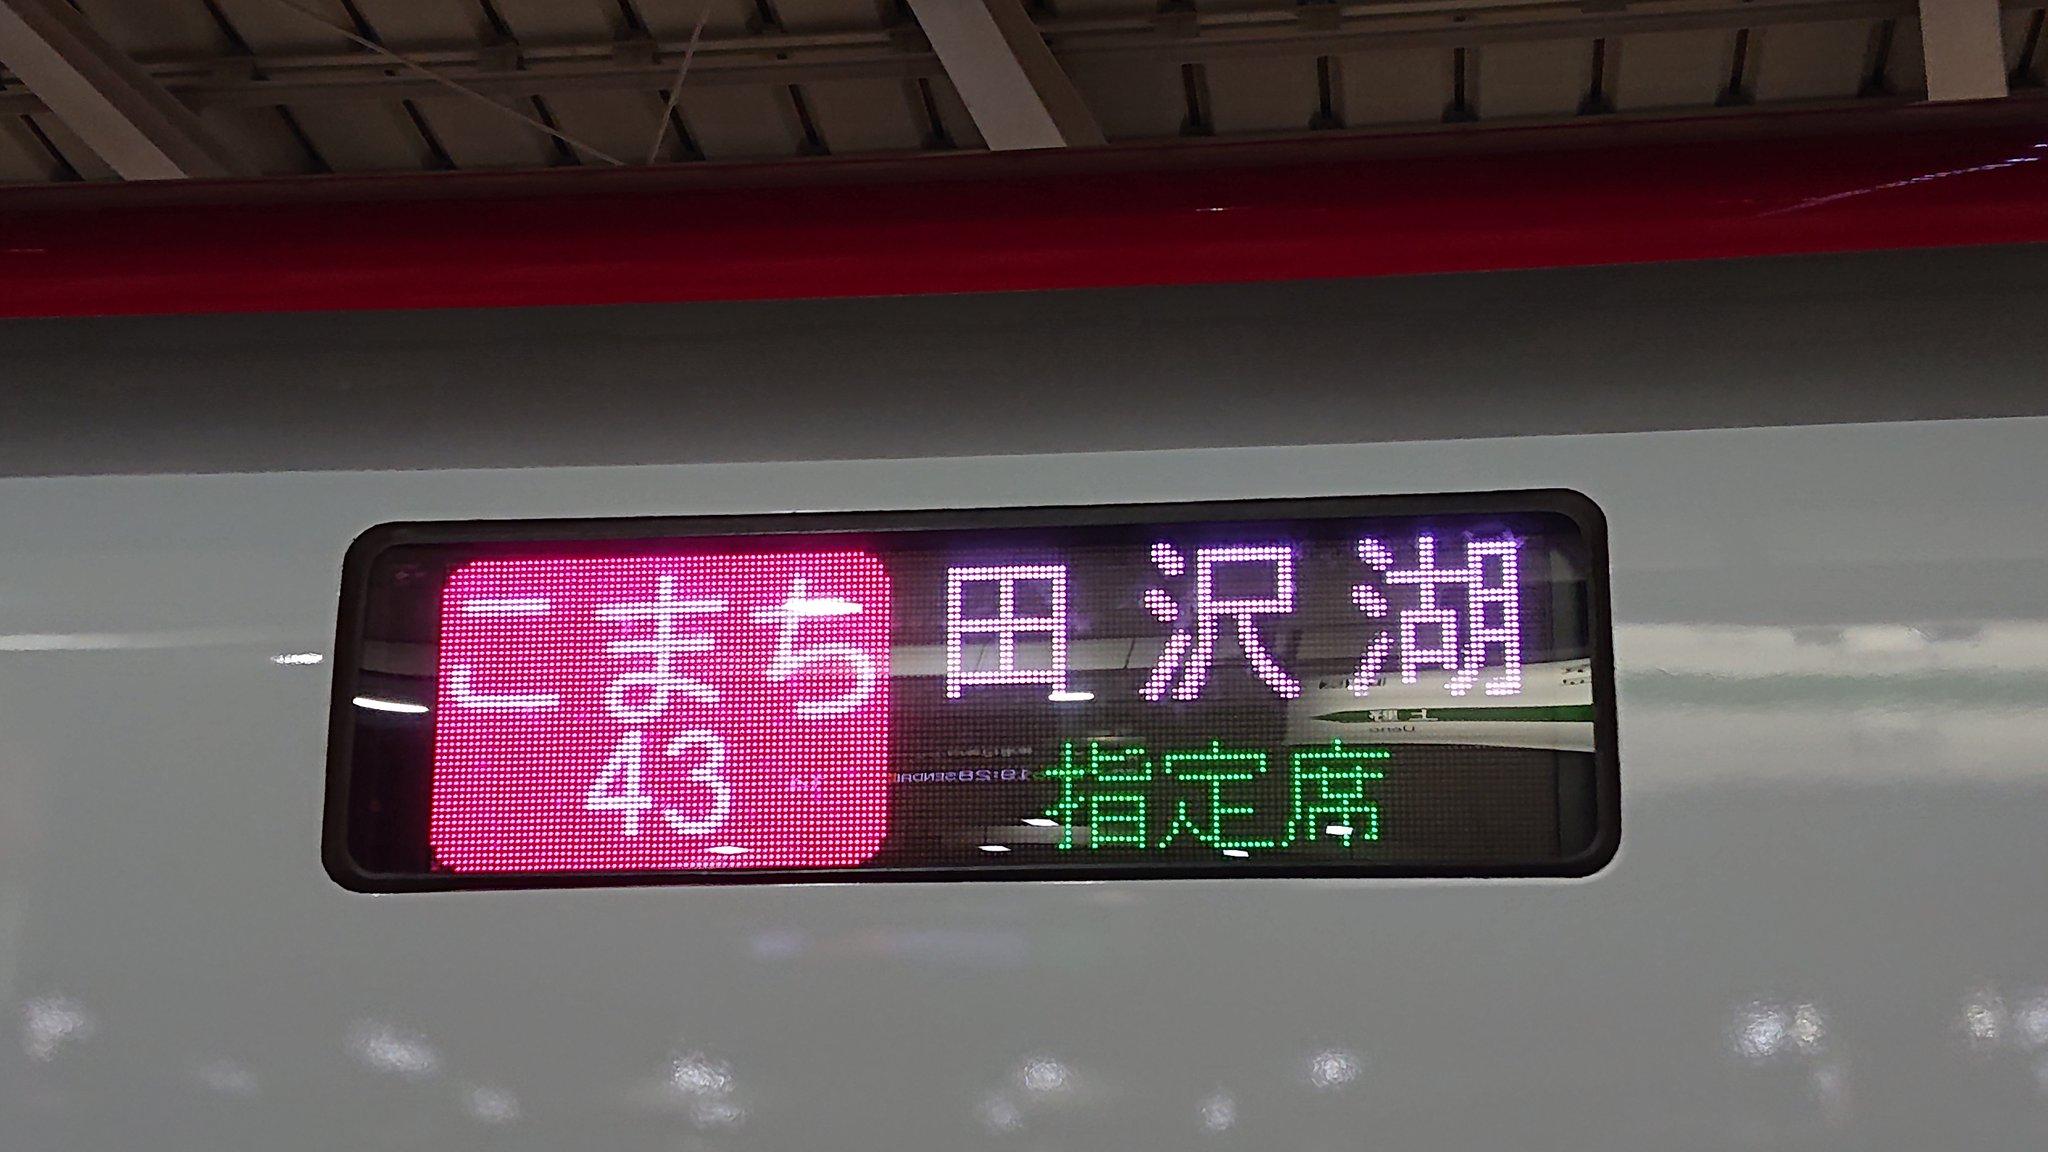 【珍事】秋田新幹線で計画的に 田沢湖行が誕生 駅案内は空白表示 一体何故なのか